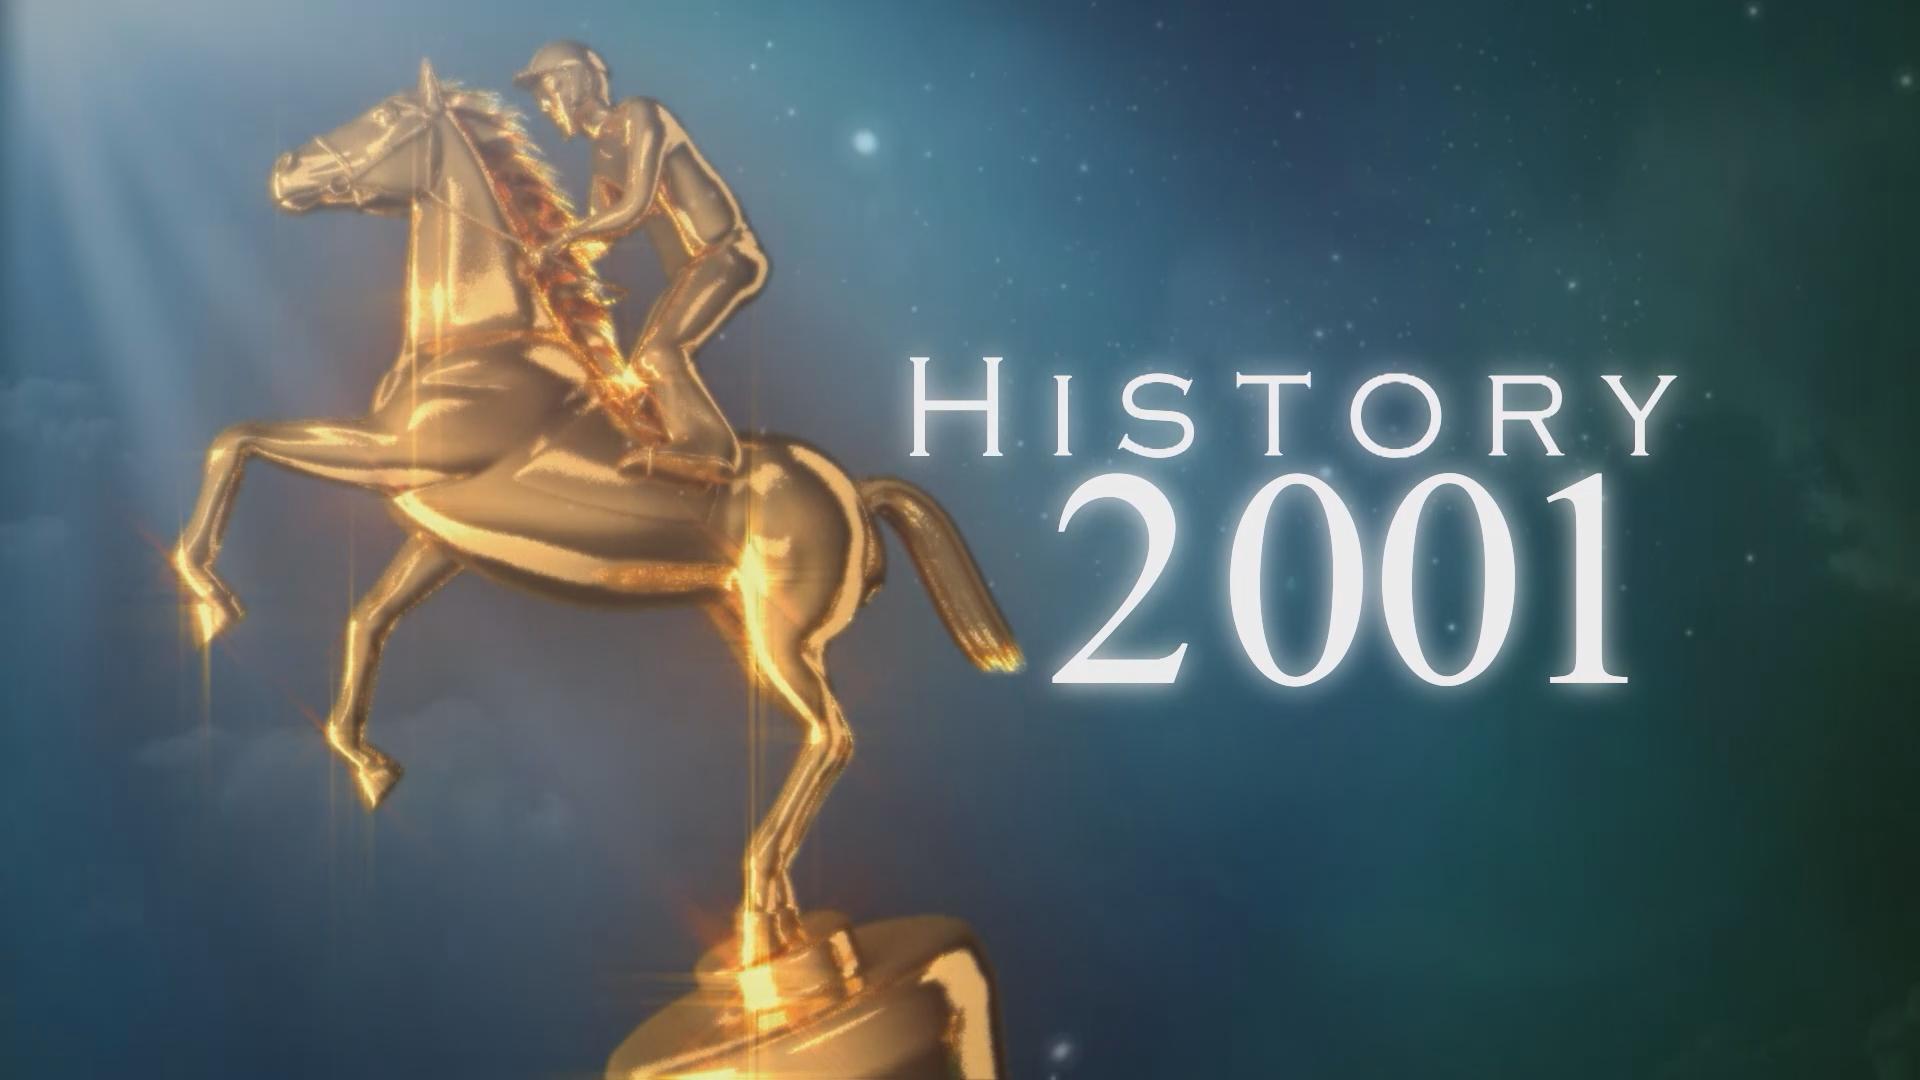 2001年HISTORY